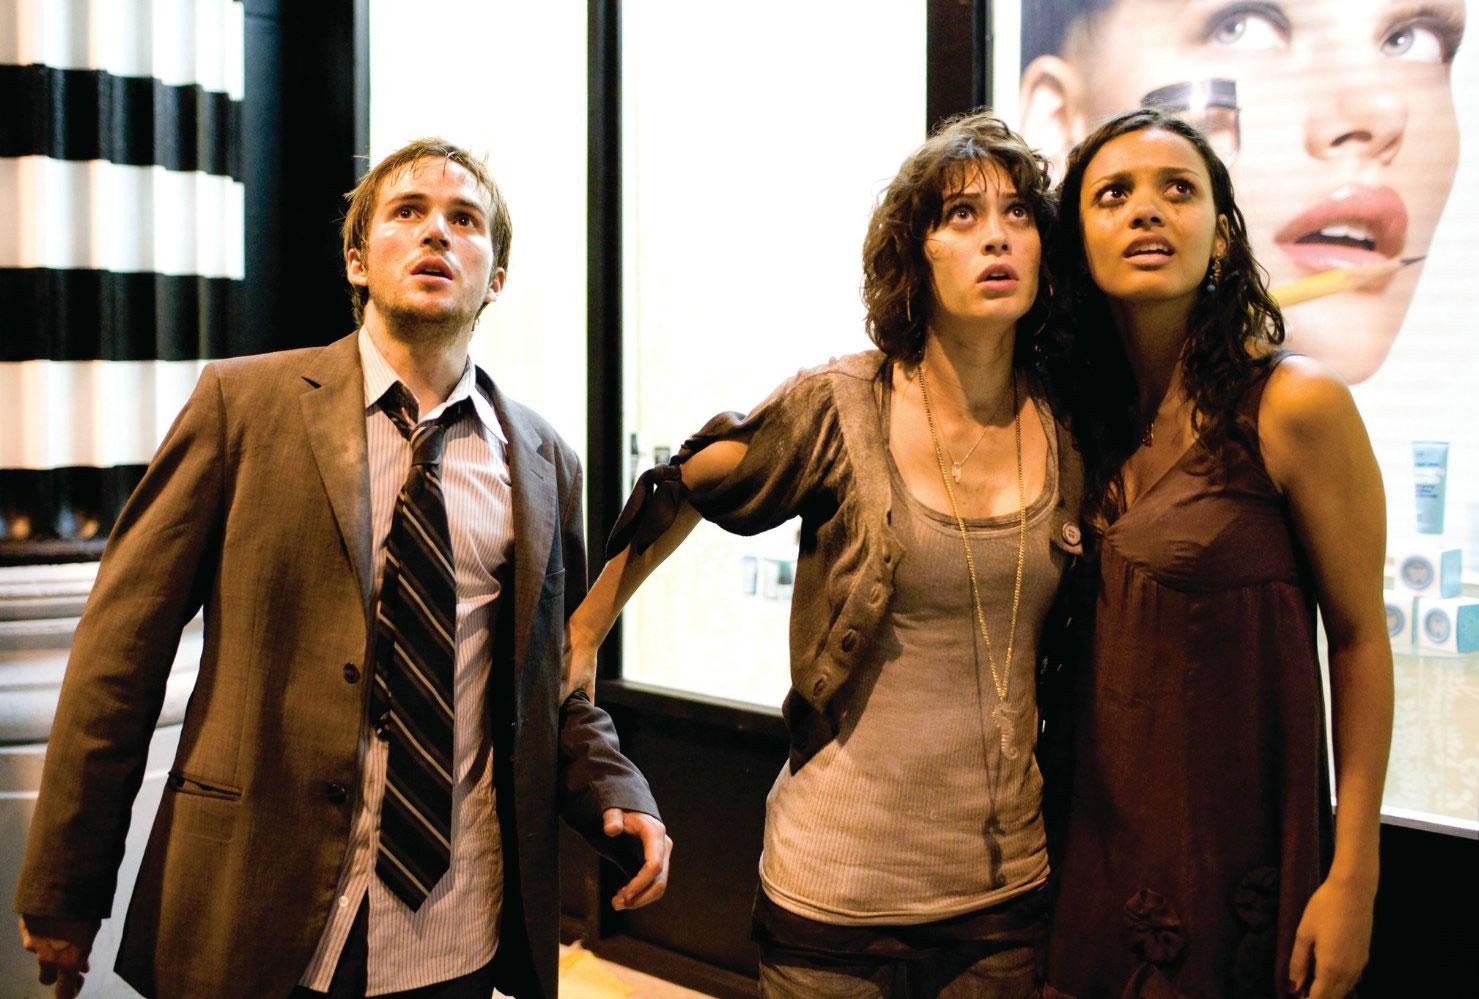 Michael Stahl-David, Lizzy Caplan et Jessica Lucas dans Cloverfield de Matt Reeves (2008)